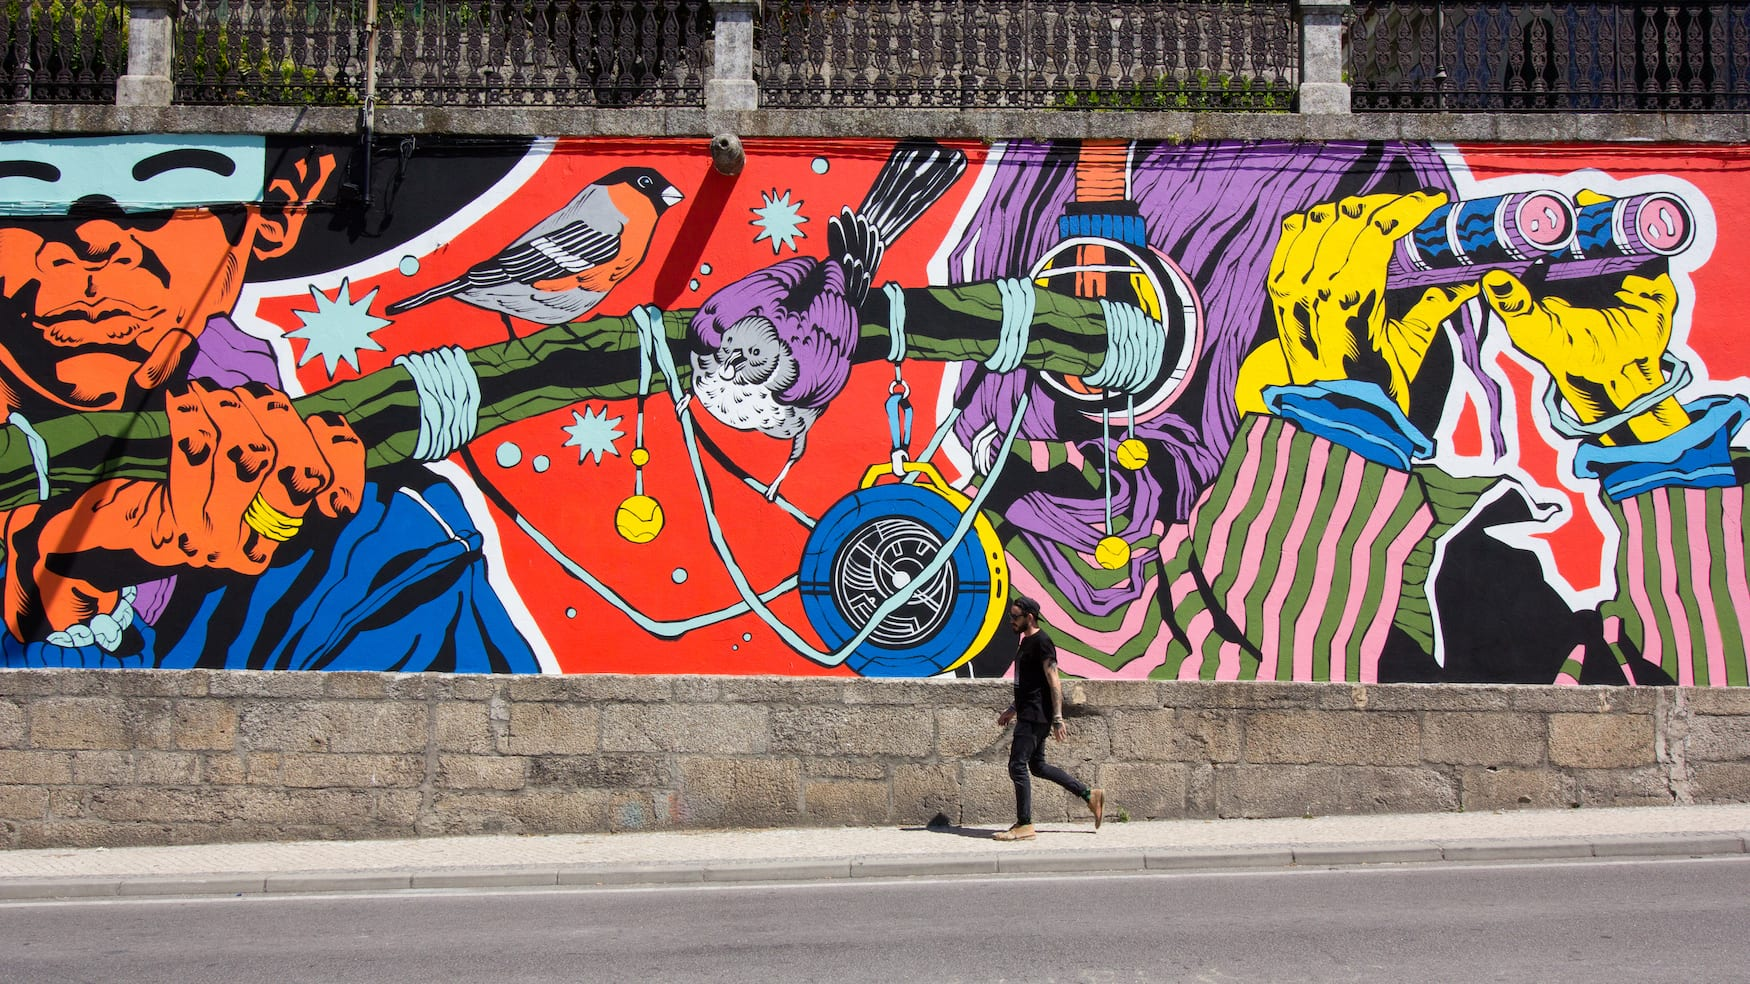 Mann spaziert vor bunter Graffiti-Hauswand entlang